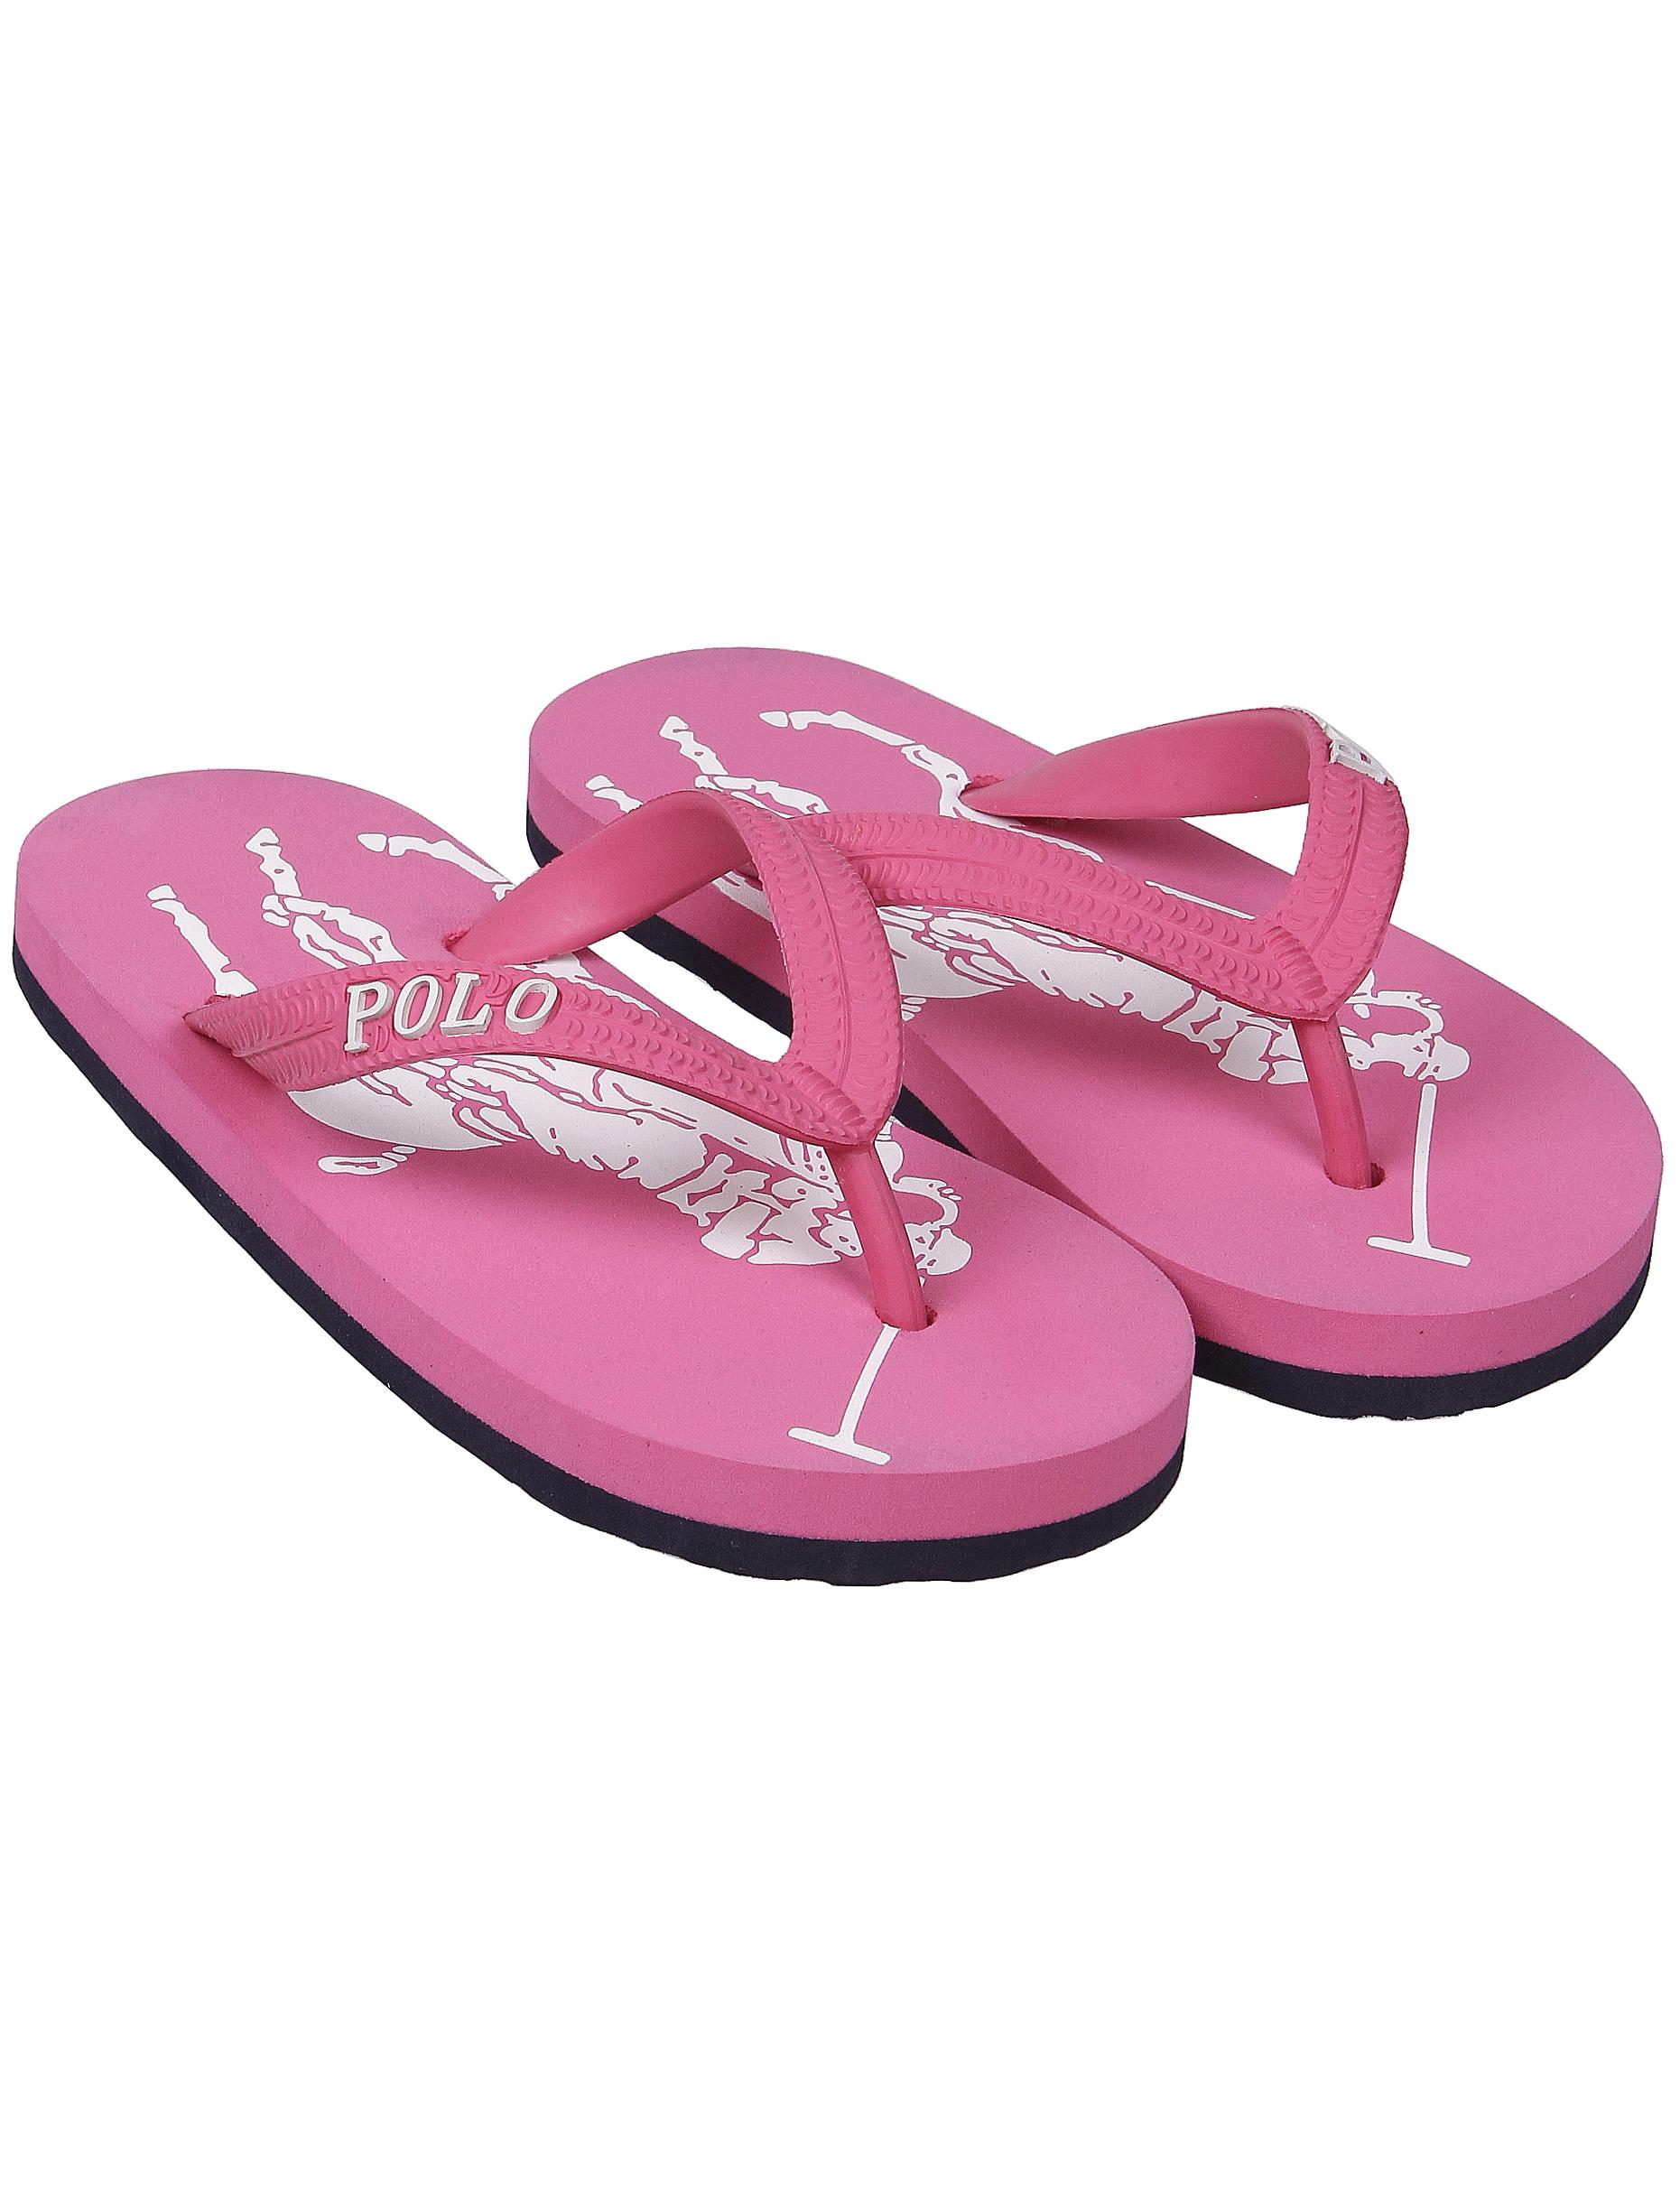 Купить 1996622, Шлепанцы пляжные Ralph Lauren, розовый, Женский, 2282609970436